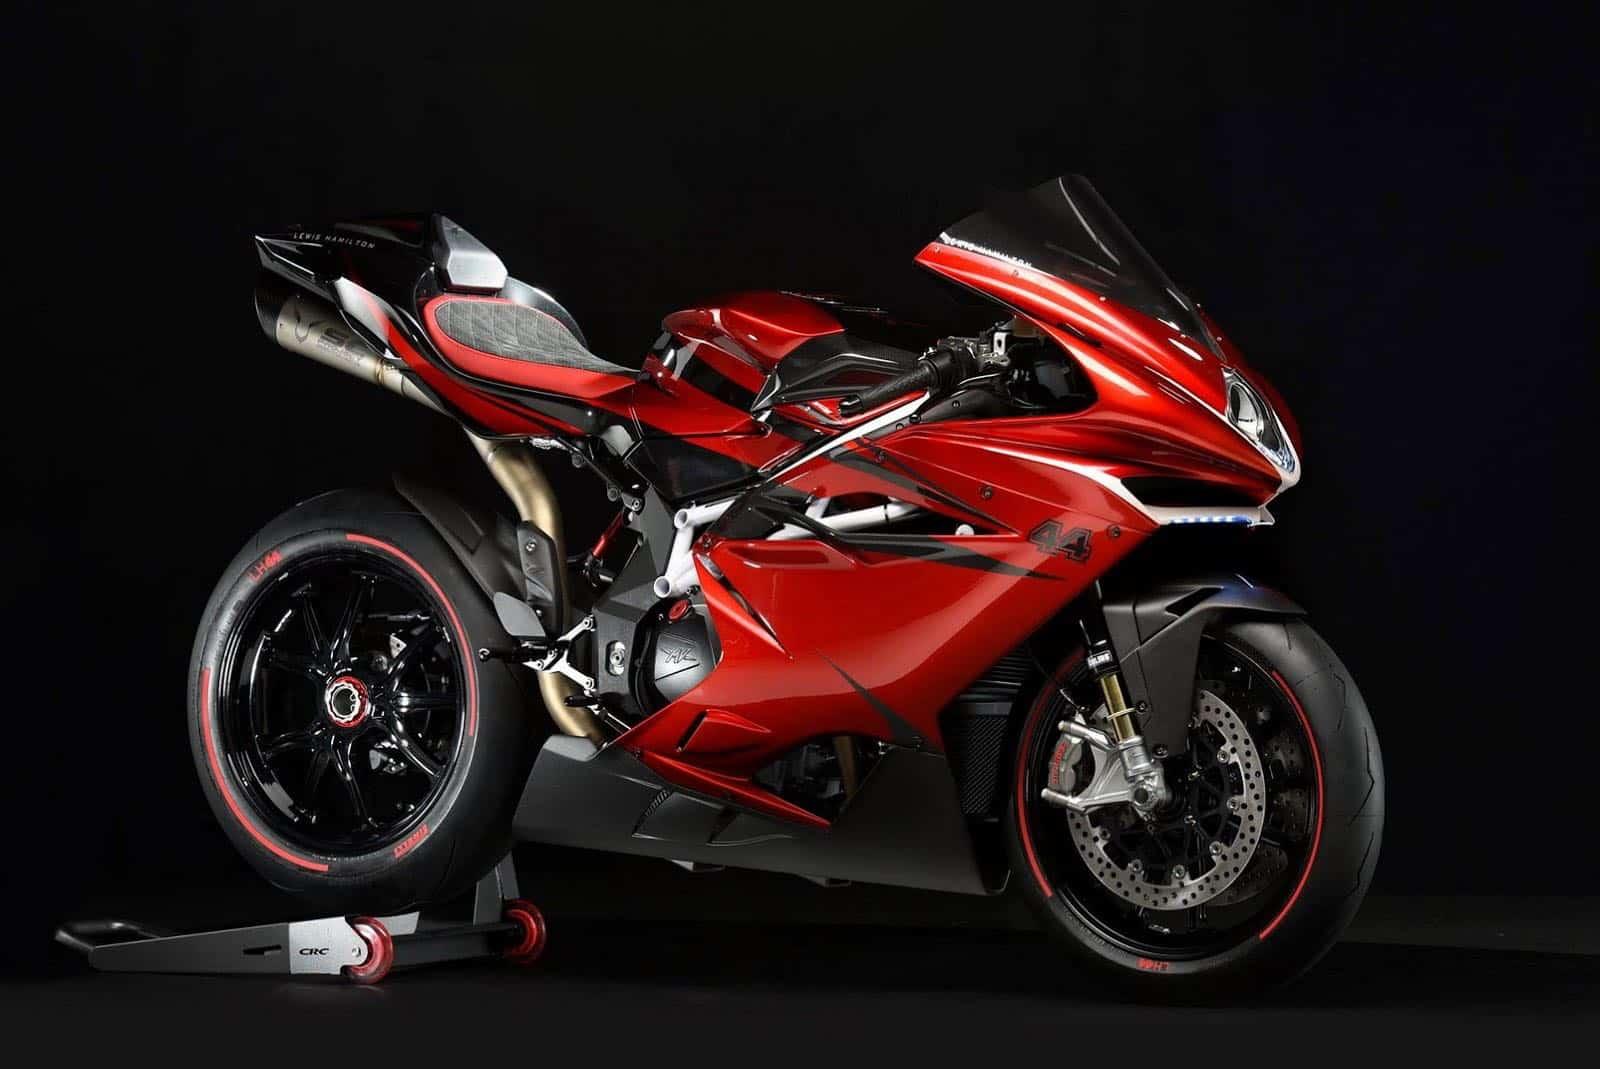 MV Agusta lanza la motocicleta F4 LH44 y el campeón Lewis Hamilton le da el visto bueno